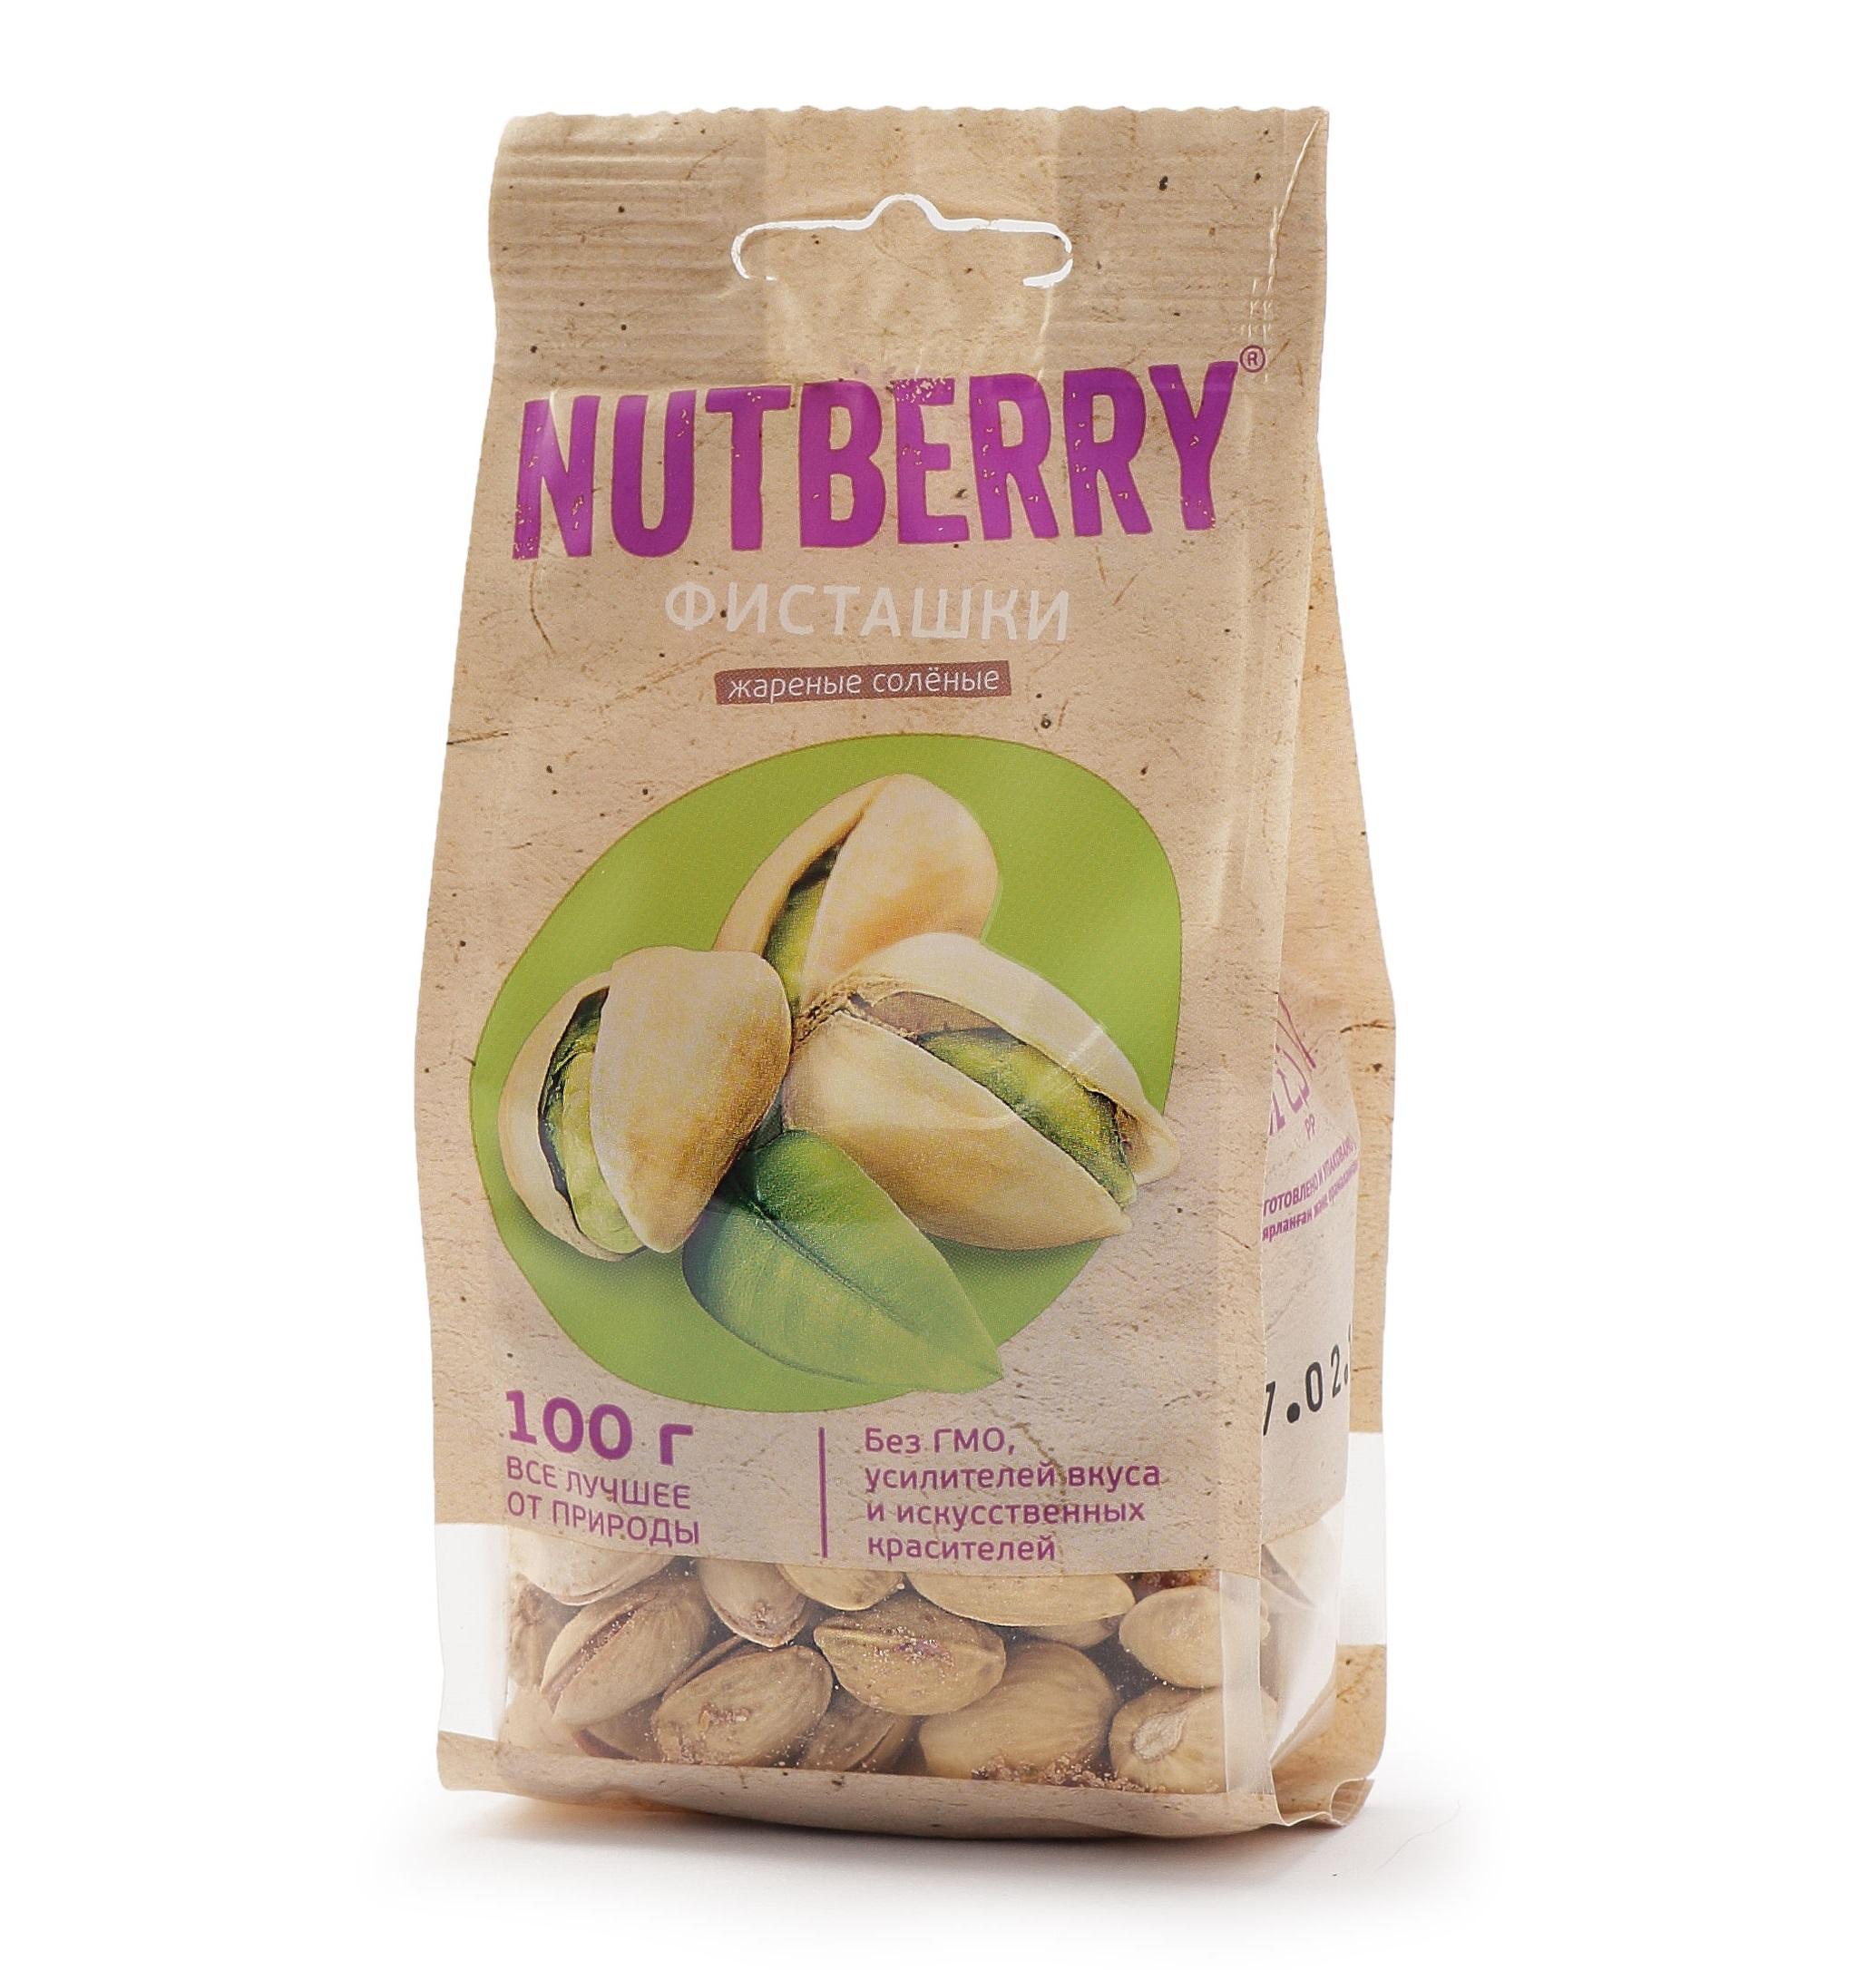 Фисташки Nutberry жареные соленые  100гр.